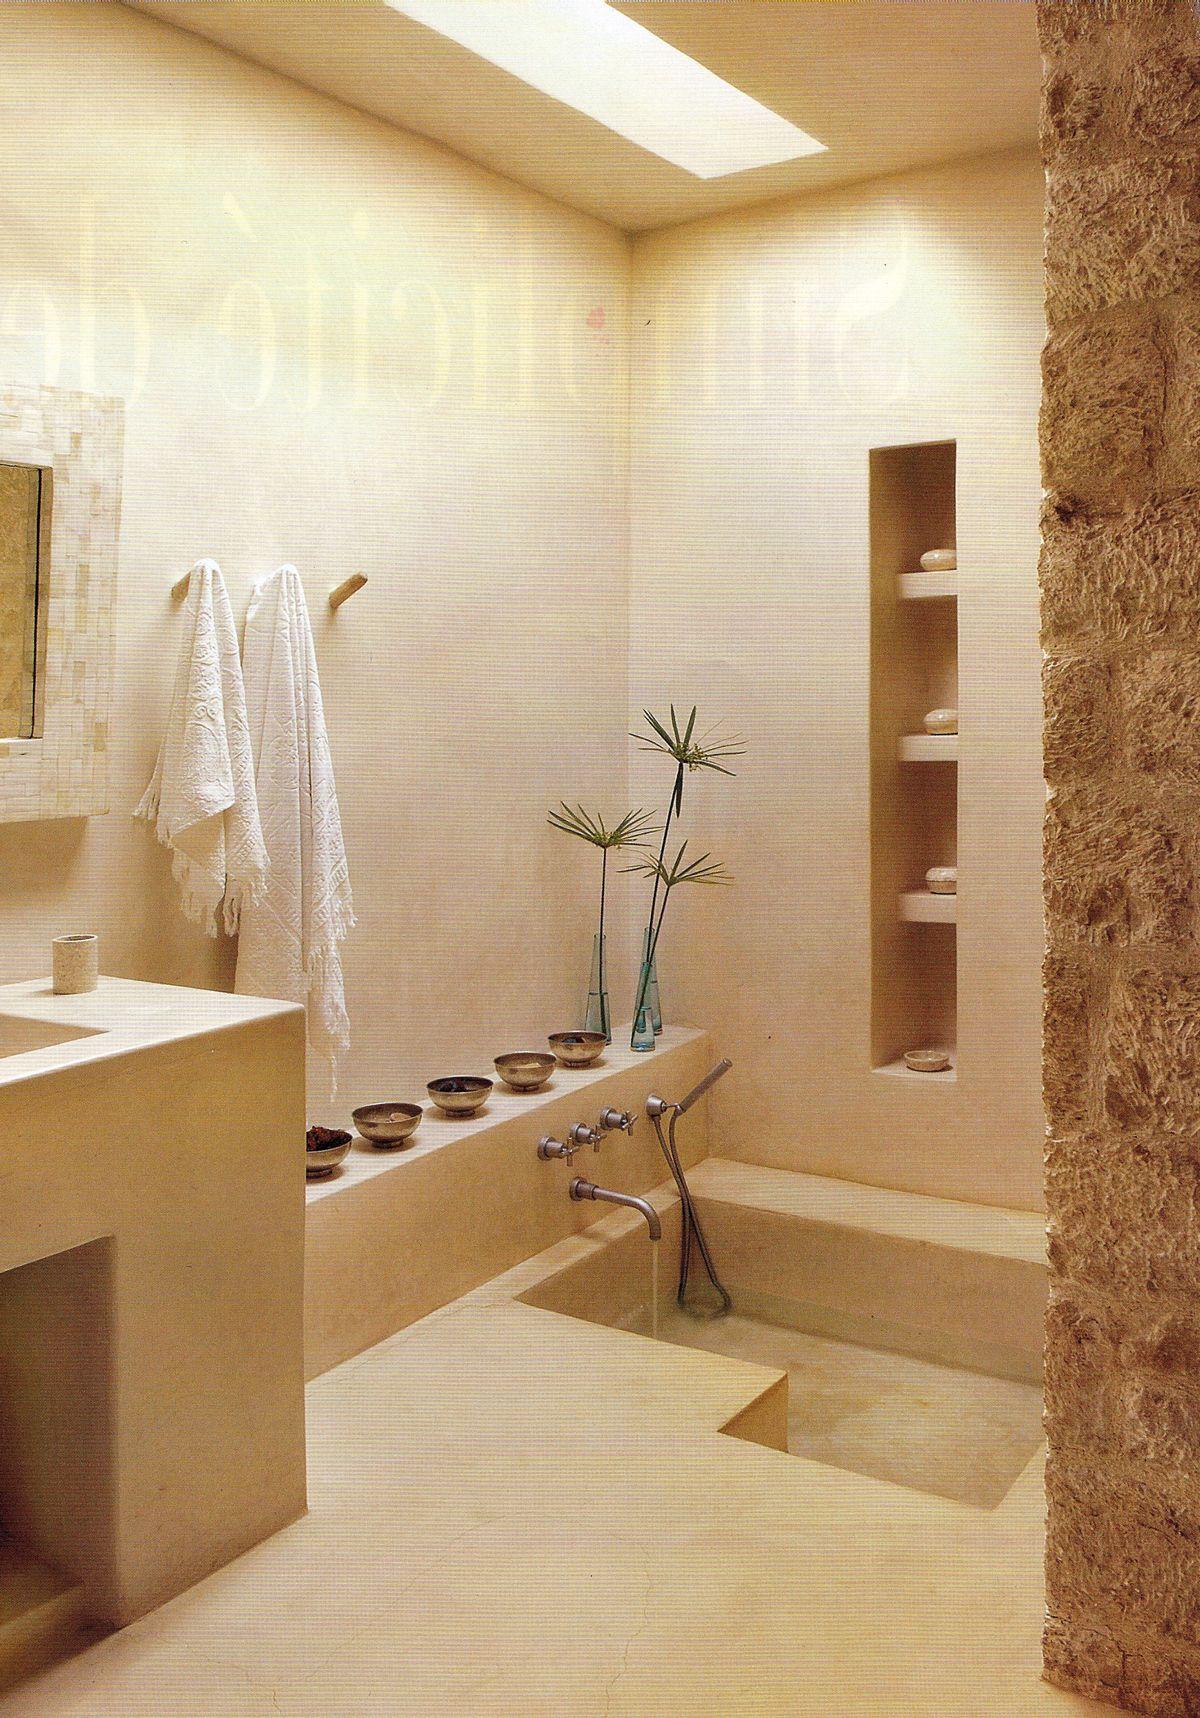 Lichtkoepel in badkamer lichtkoepels pinterest beste for Tadelakt bathroom ideas